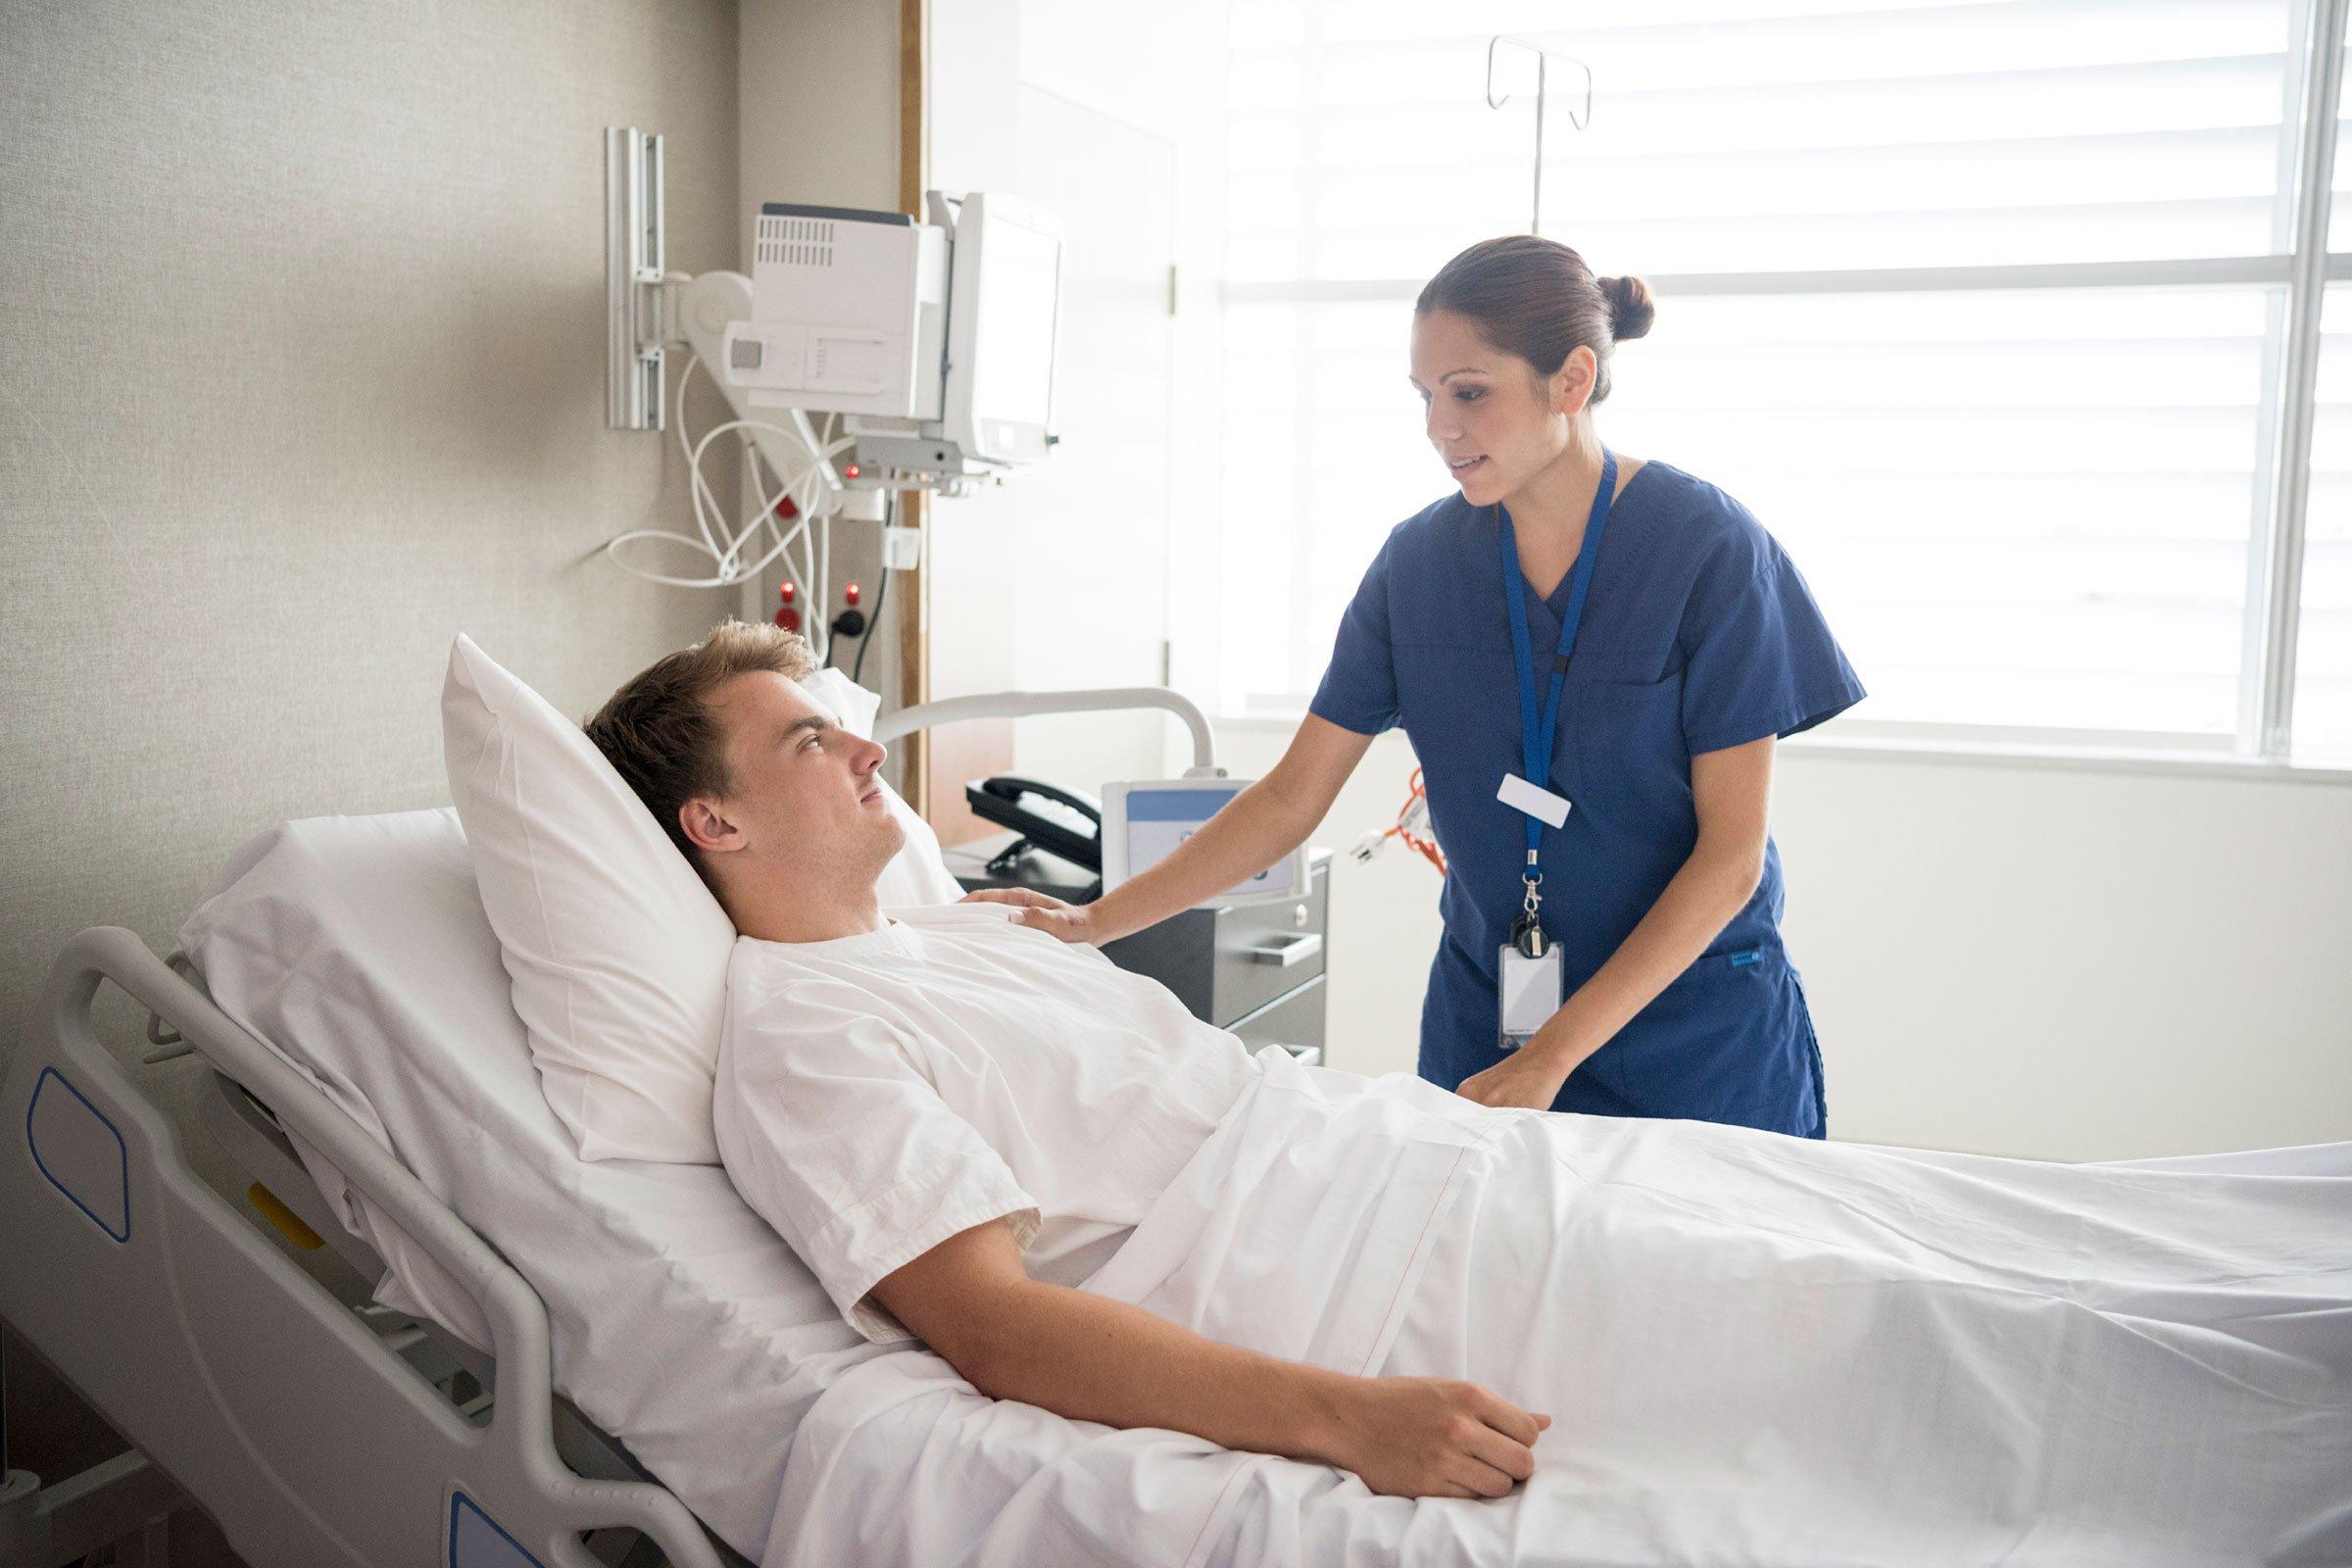 08-50-secrets-surgeon-care-after-surgery